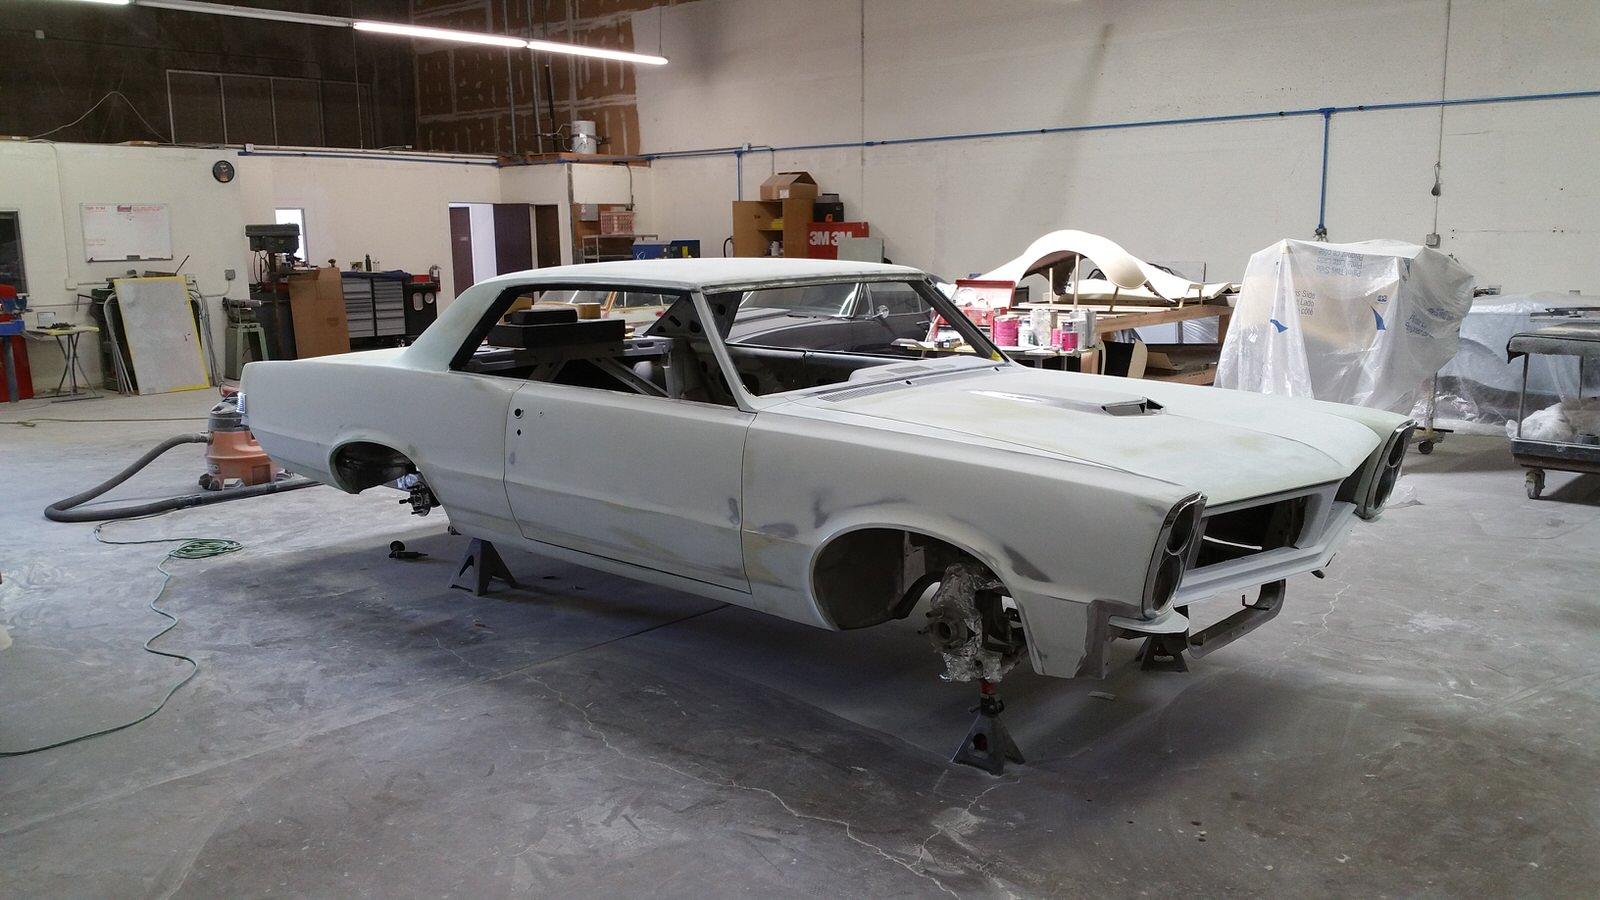 John Dooley 1965 Pontiac GTO - South City Rod & Custom